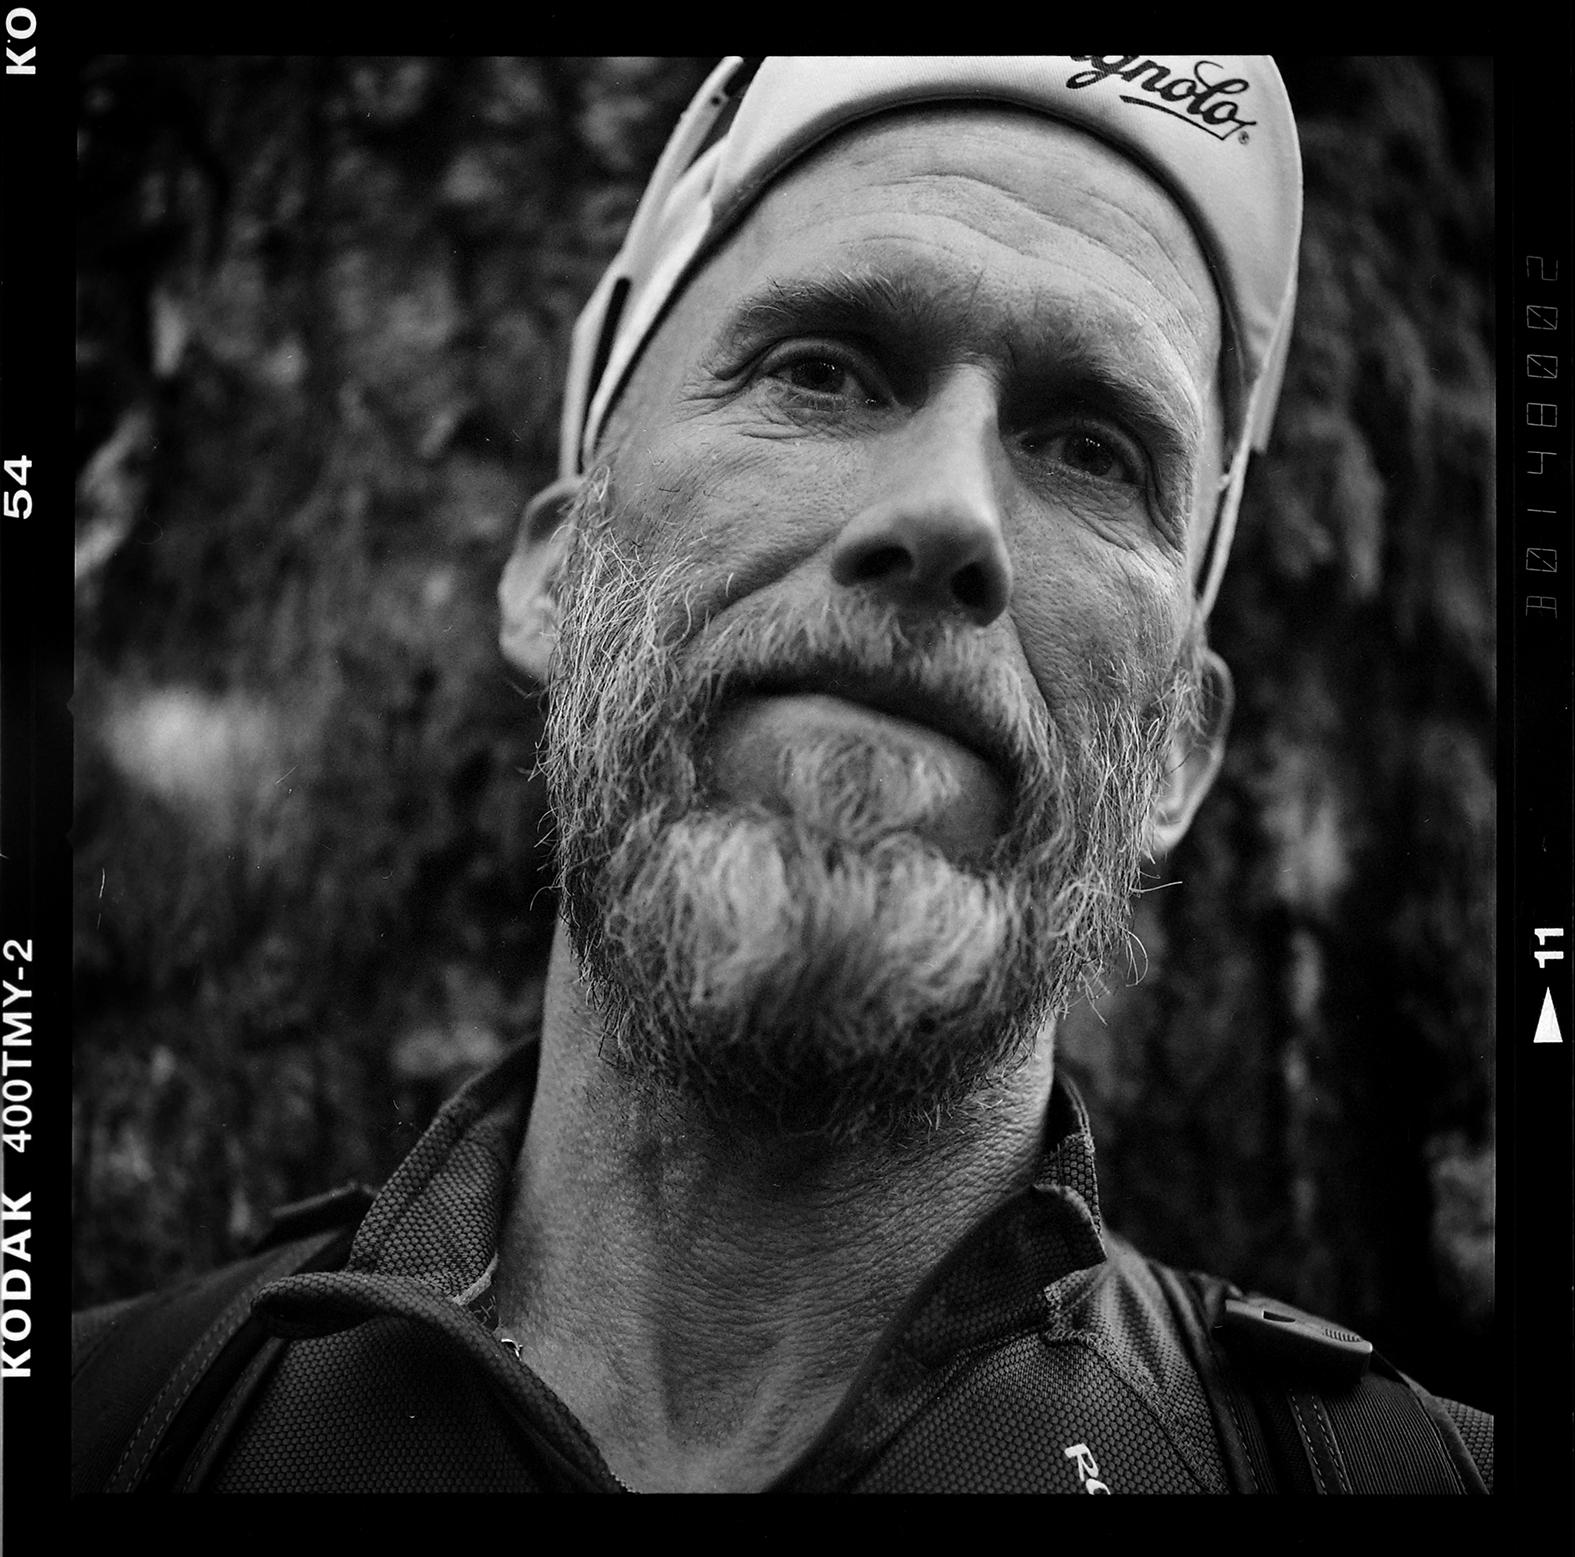 Bergsultralöparen och författaren Niklas Holmström. Foto: Mikael Andersson, 2016-05-24, Hasselblad 500 cm, 150 mm, f4-1/250 sek.